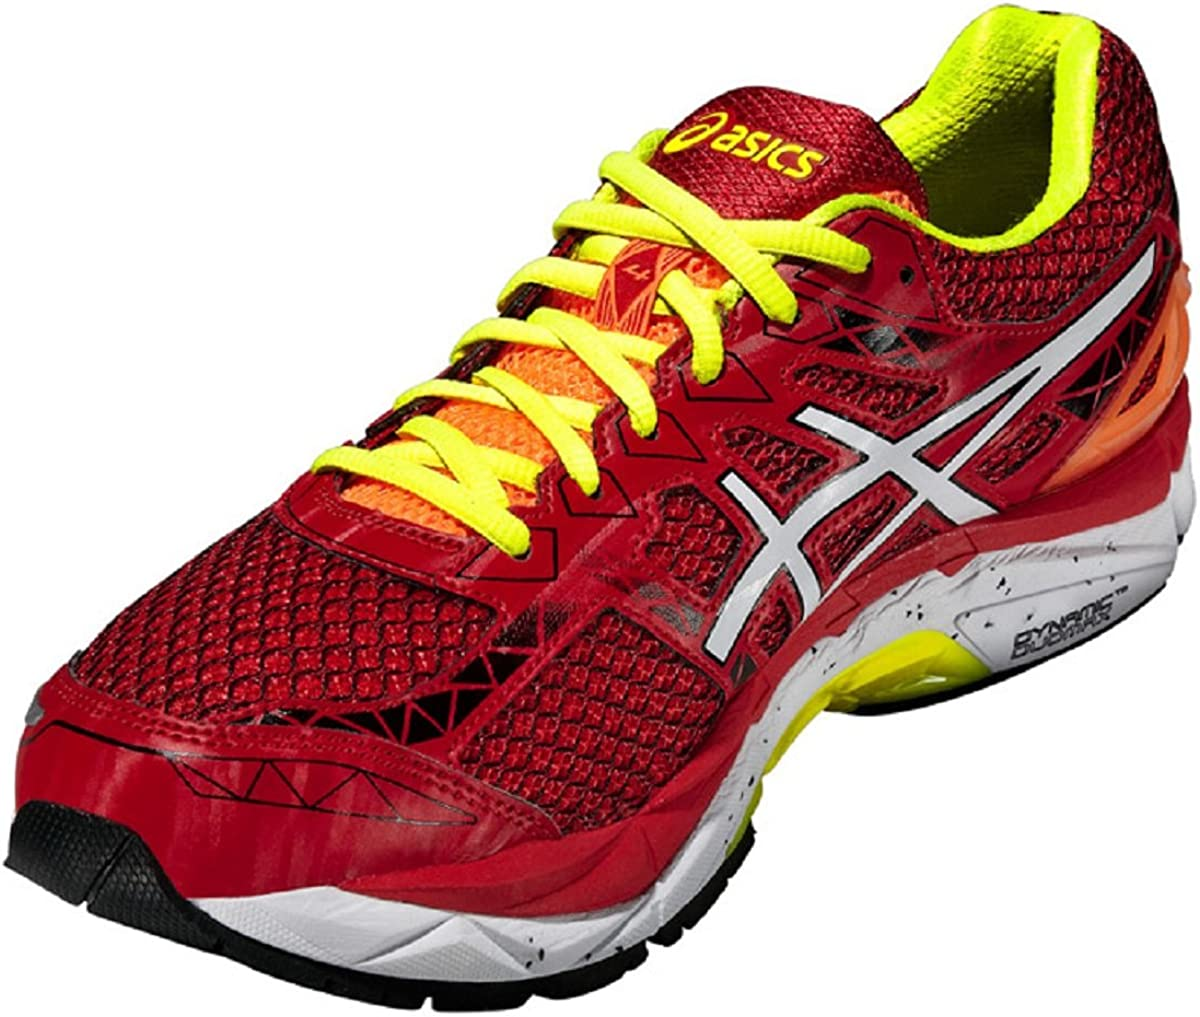 Asics GT-3000 4 Zapatillas para Correr - 41.5: Amazon.es: Deportes y aire libre